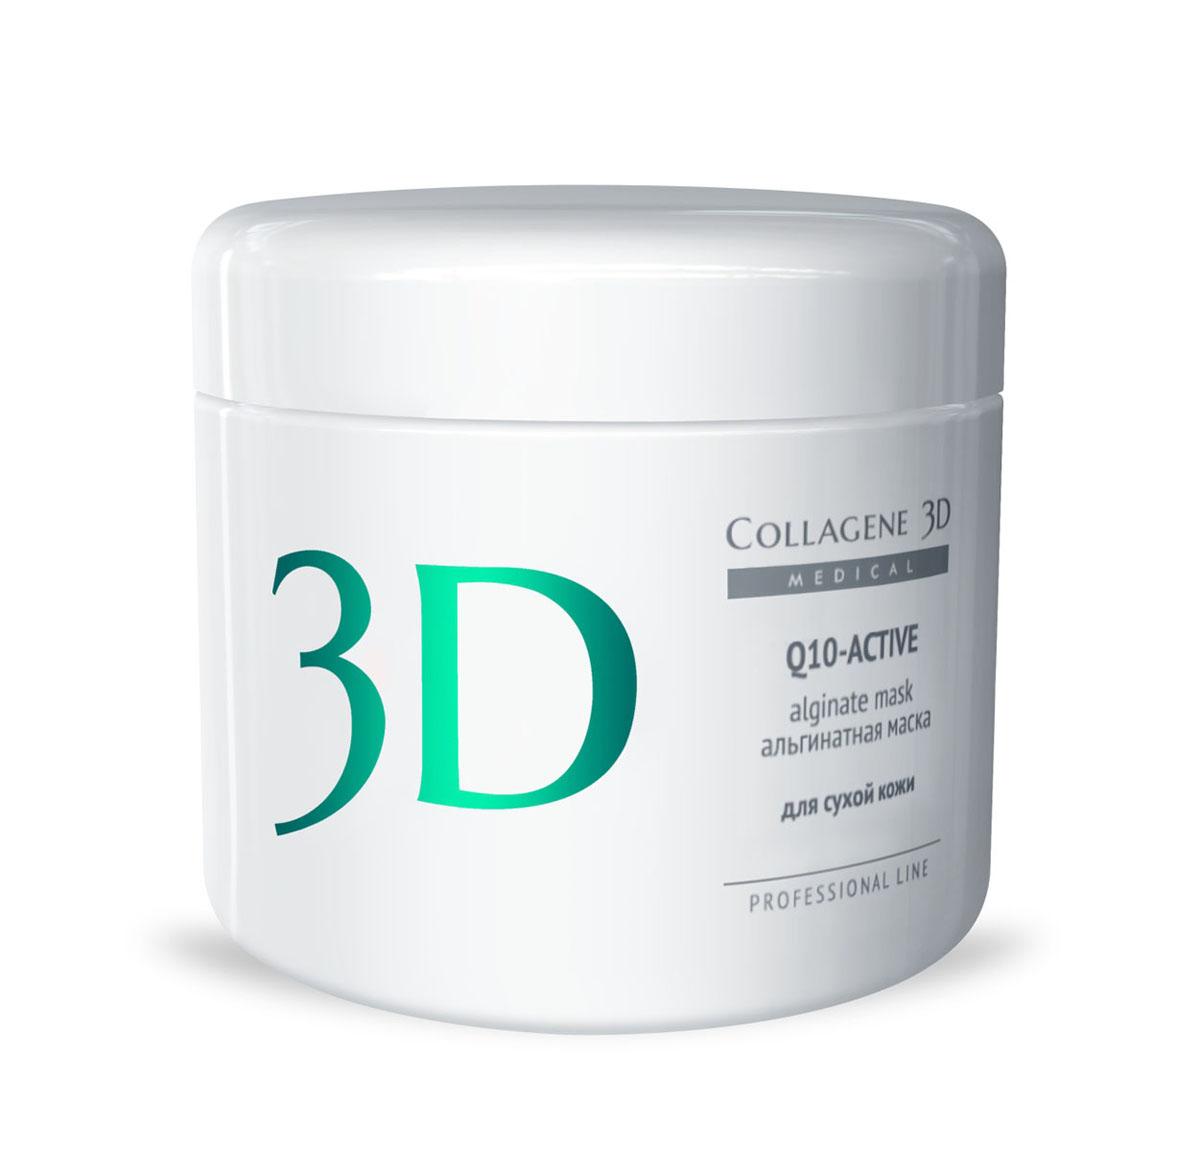 Medical Collagene 3D Альгинатная маска для лица и тела Q10-active, 200 г22016Высокоэффективная, пластифицирующая маска на основе лучшего натурального сырья Q10 золотым маслом арганы. Обеспечивает антиоксидантную защиту, стимулирует выработку энергии, препятствует оксидативному стрессу.